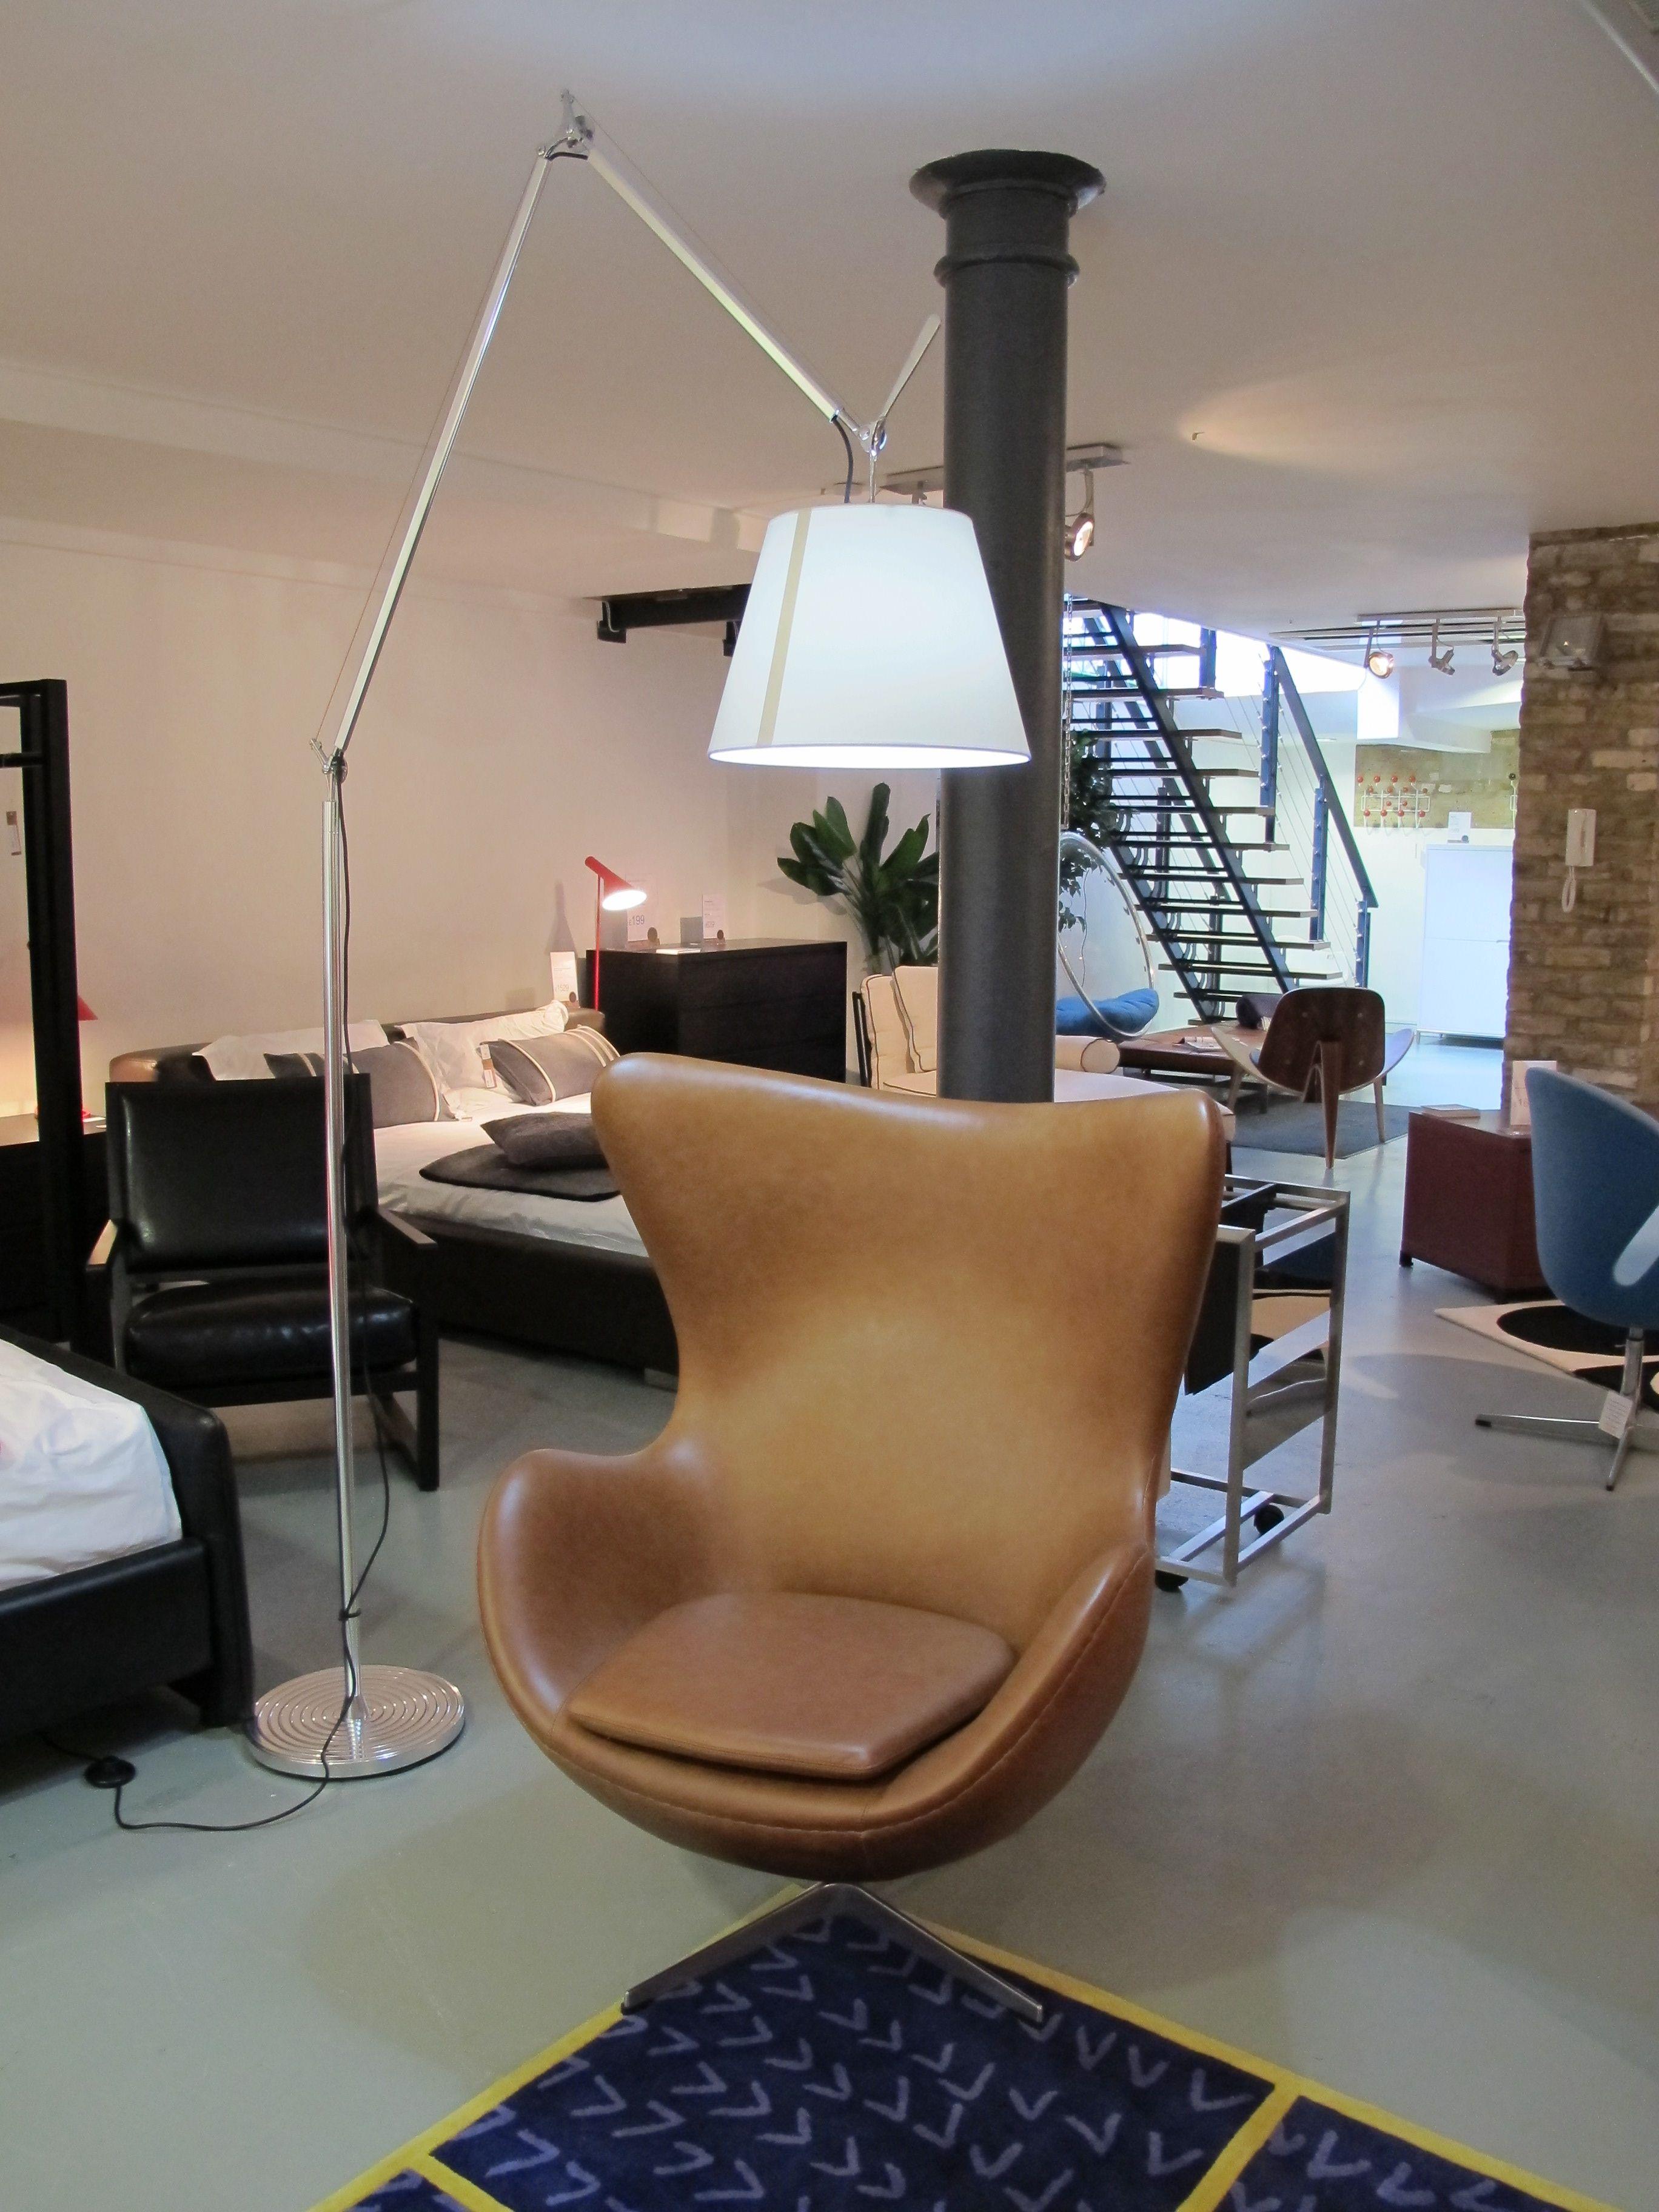 Arne jacobsen interior arne jacobsen style egg chair  space  pinterest  egg chair arne